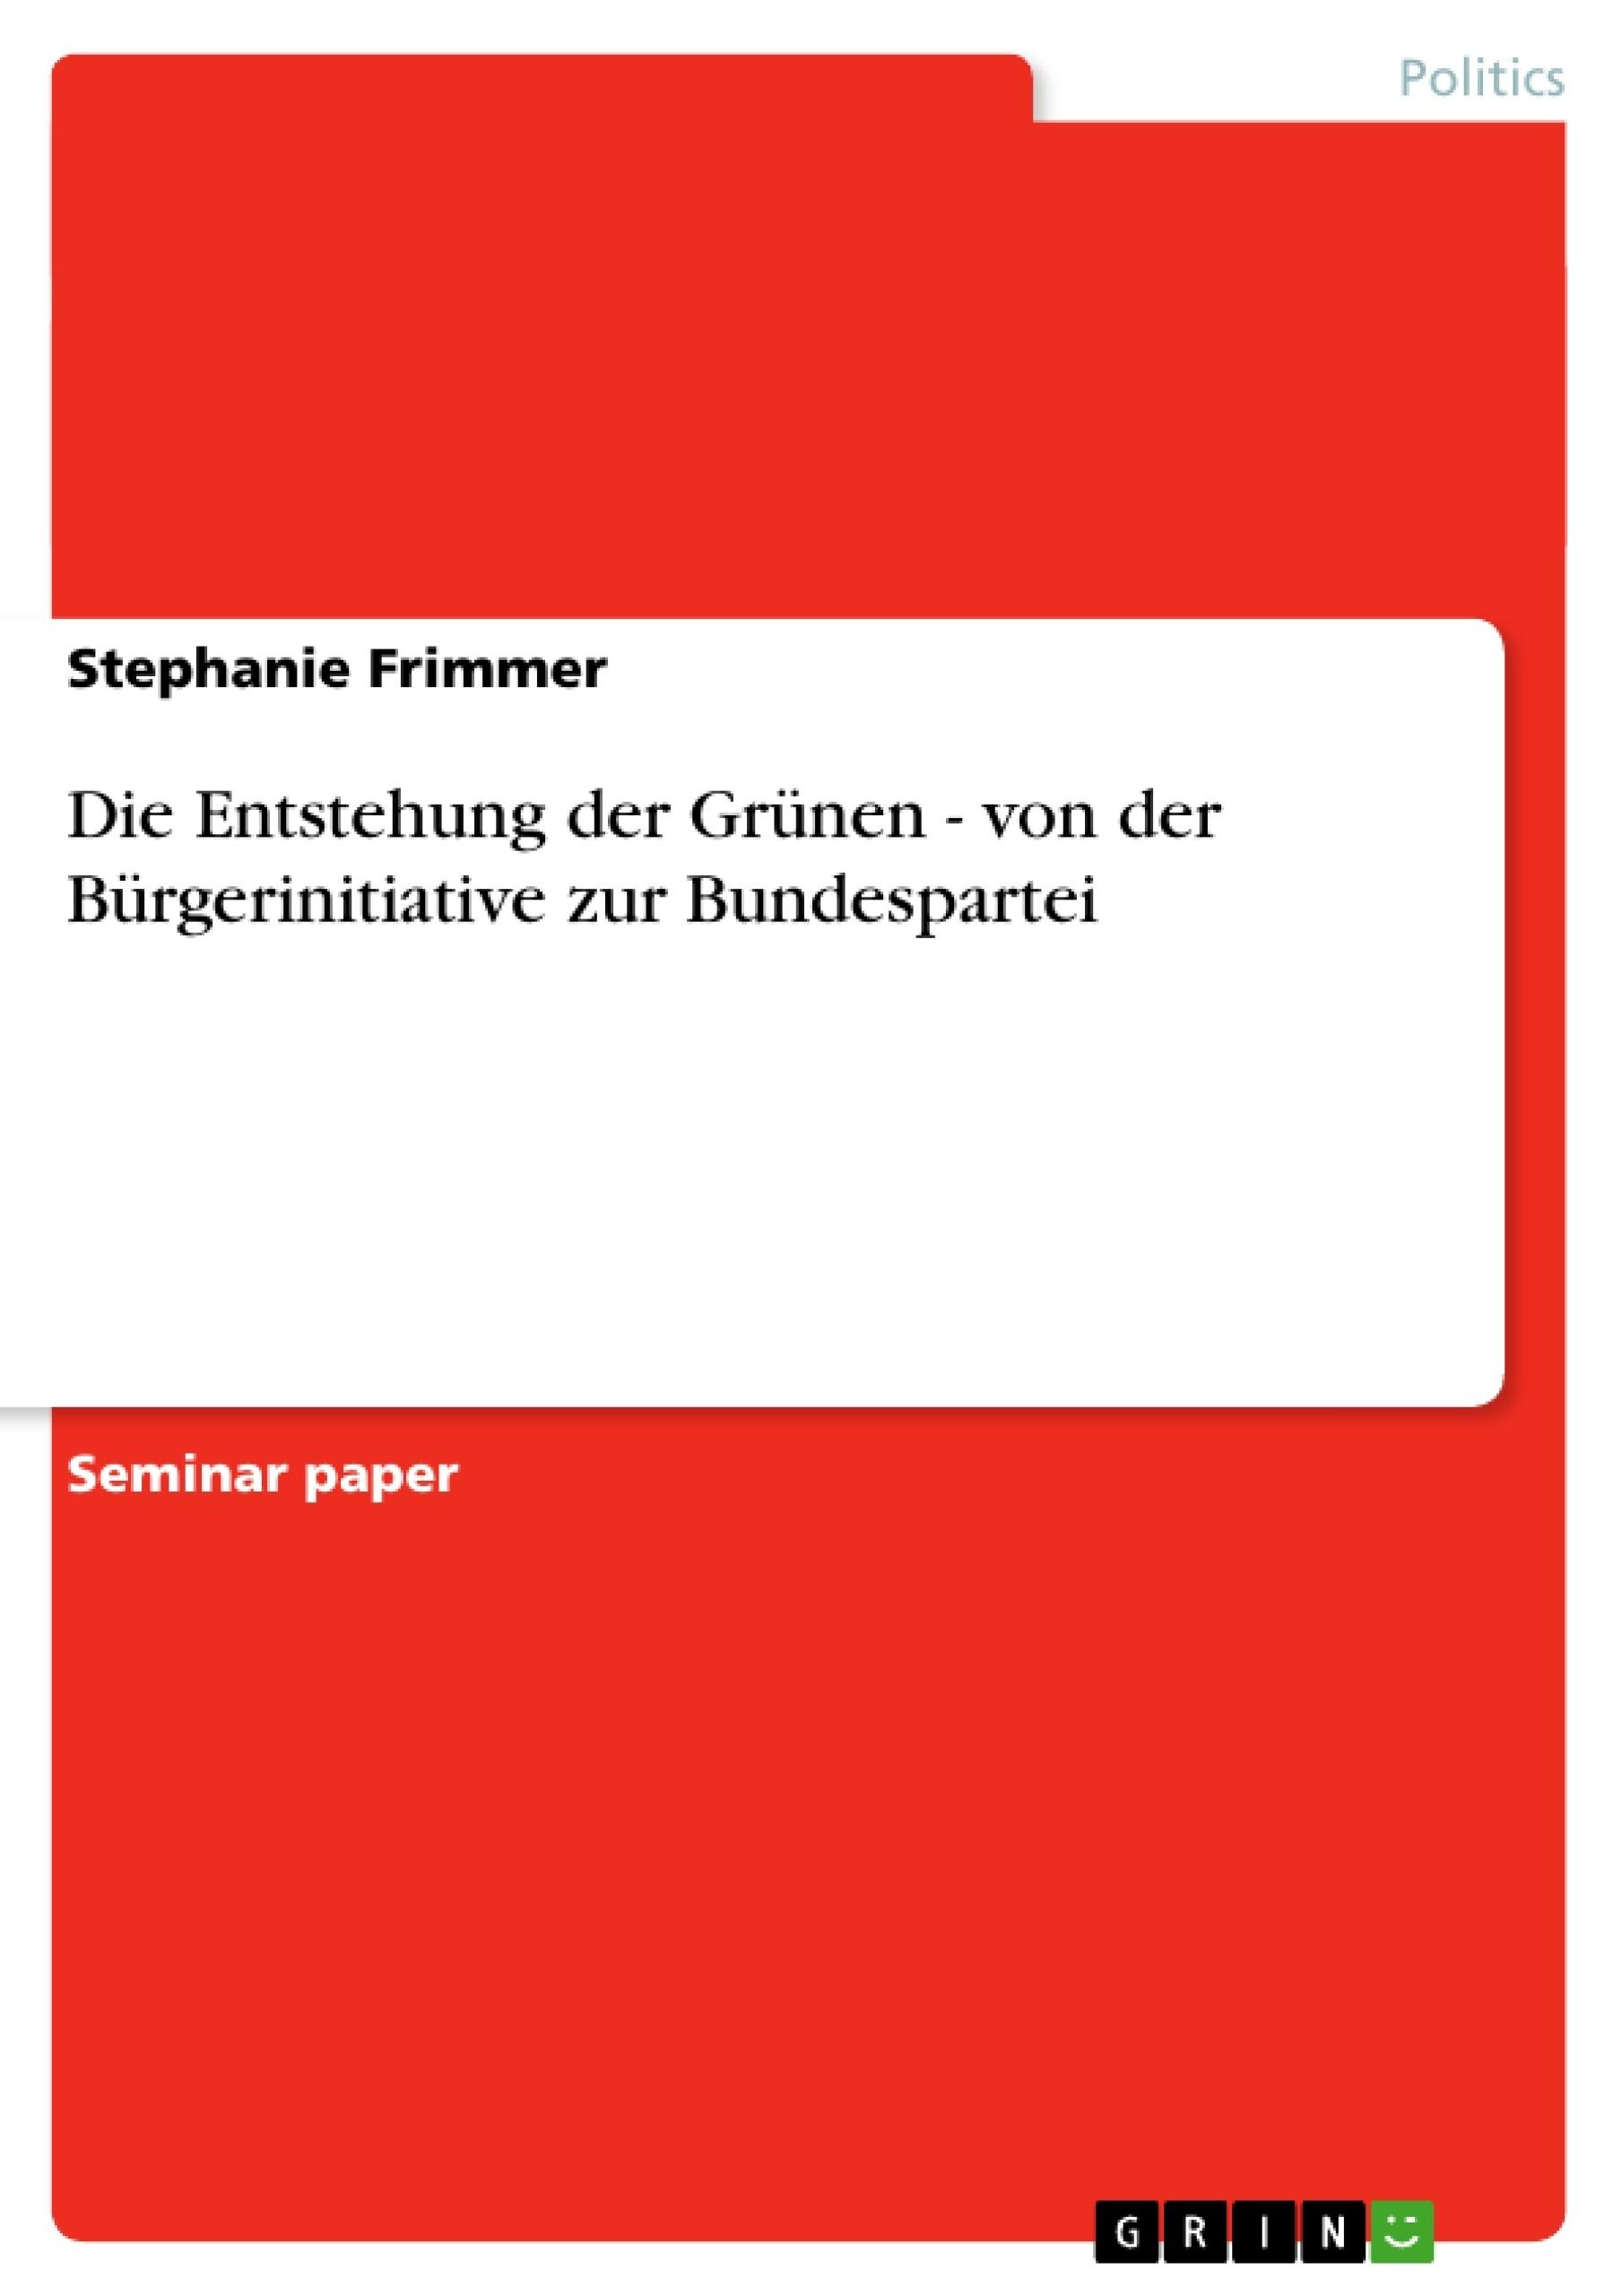 Title: Die Entstehung der Grünen - von der Bürgerinitiative zur Bundespartei